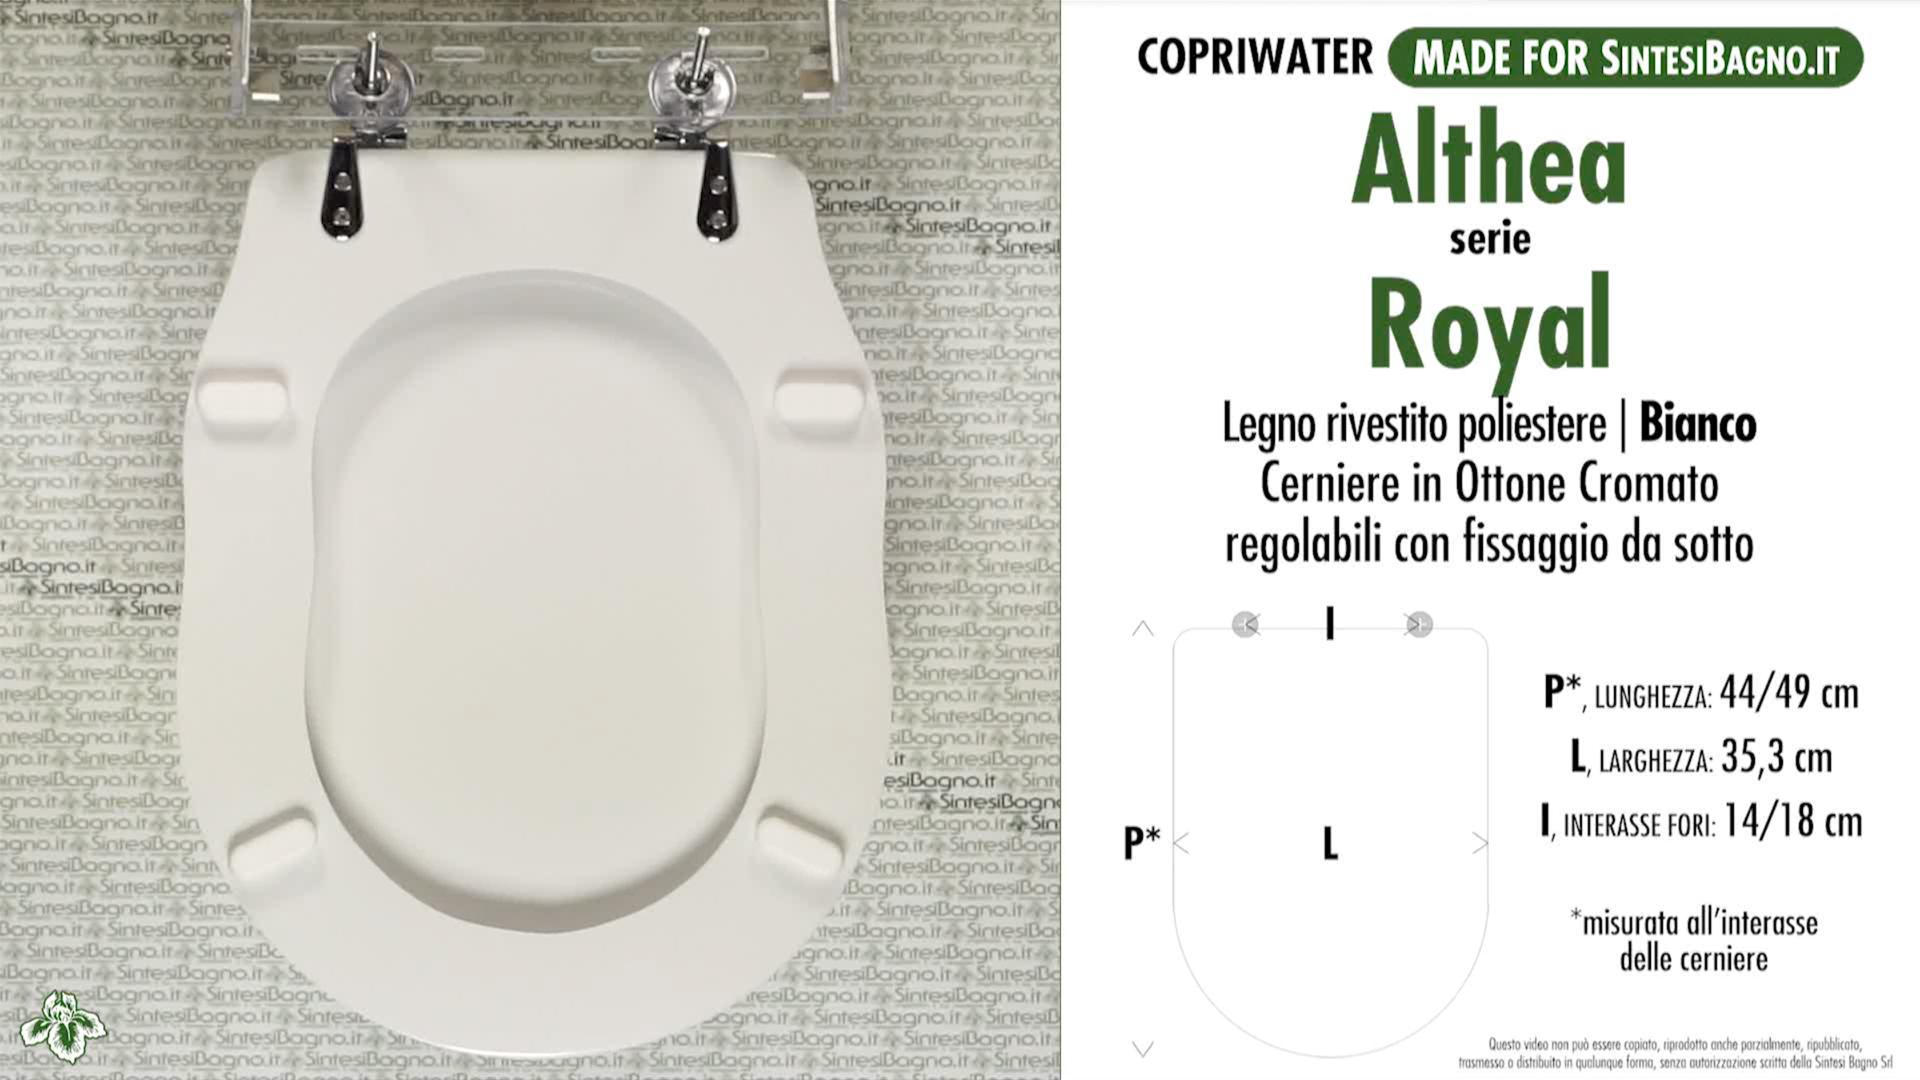 SCHEDA TECNICA MISURE copriwater ALTHEA ROYAL